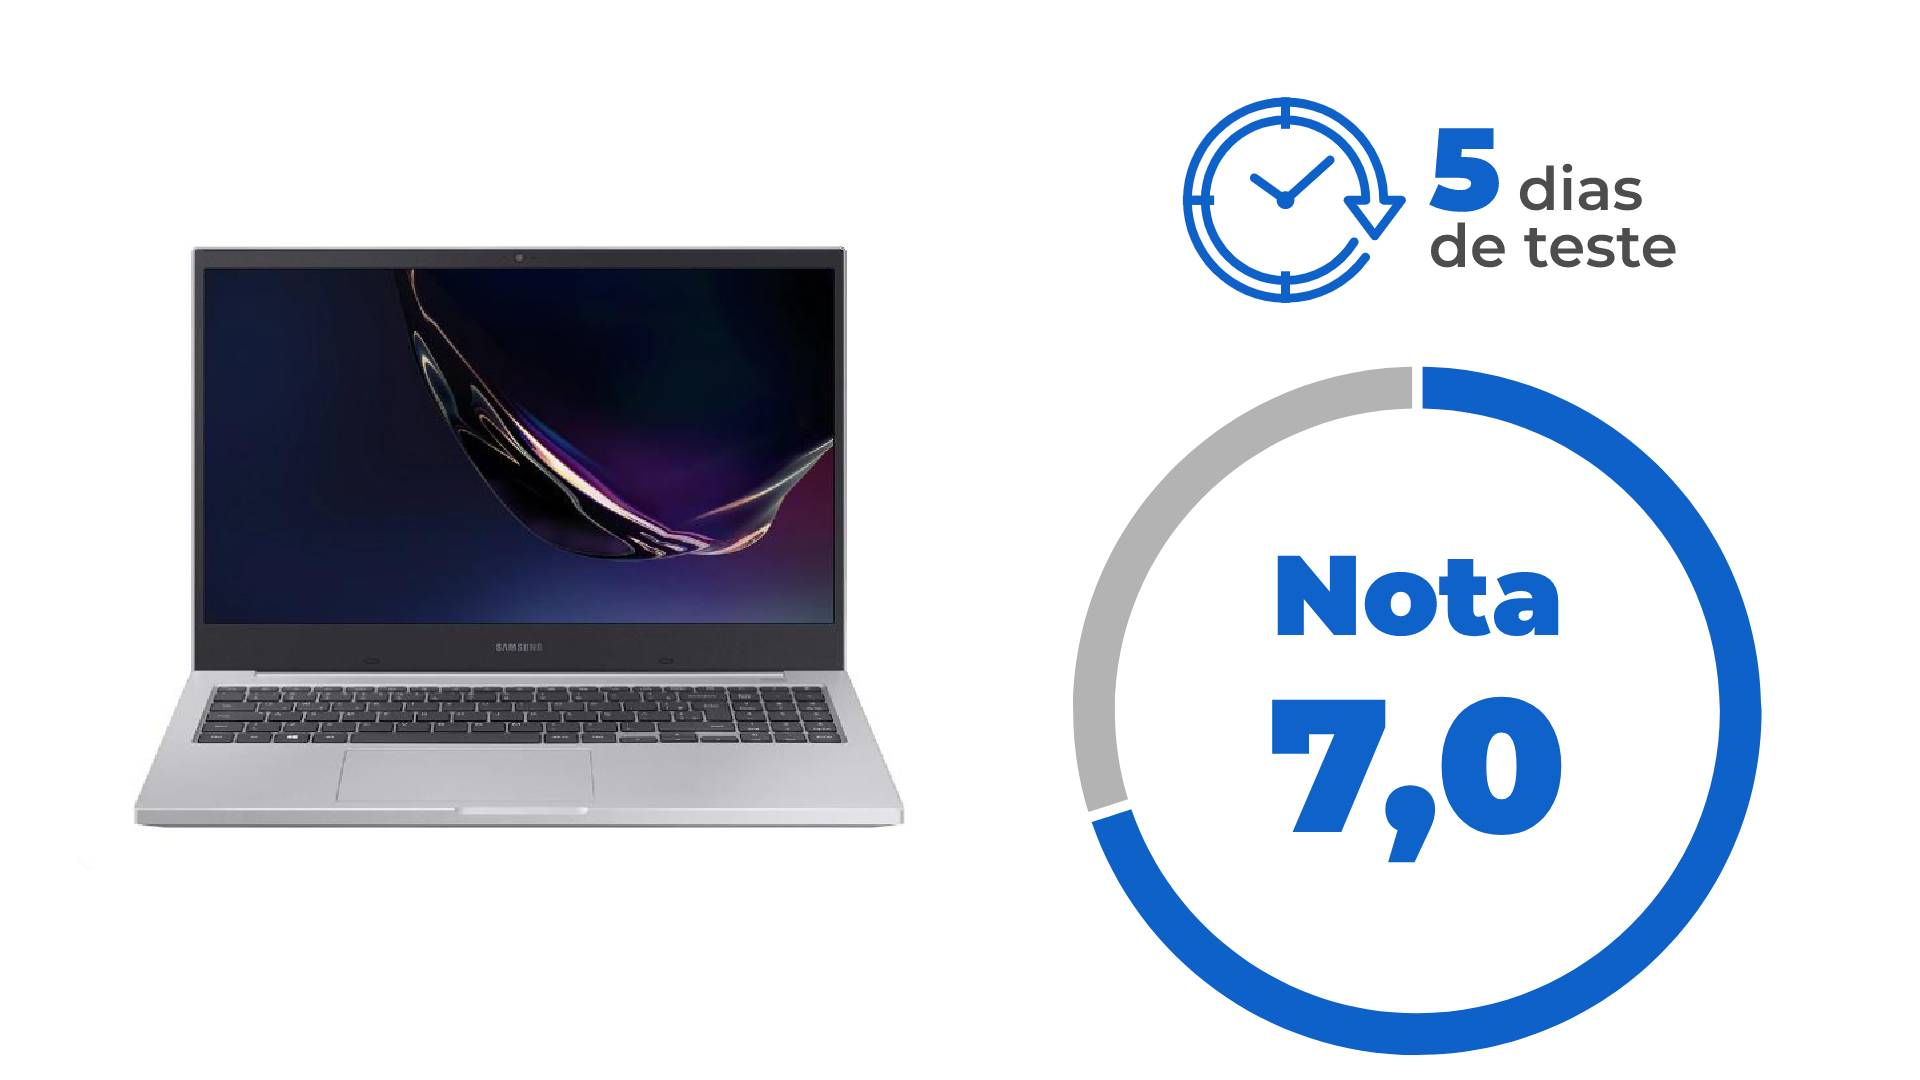 Ilustração mostrando Samsung Book X50 à esquerda e nota 7,0 escrita à direita